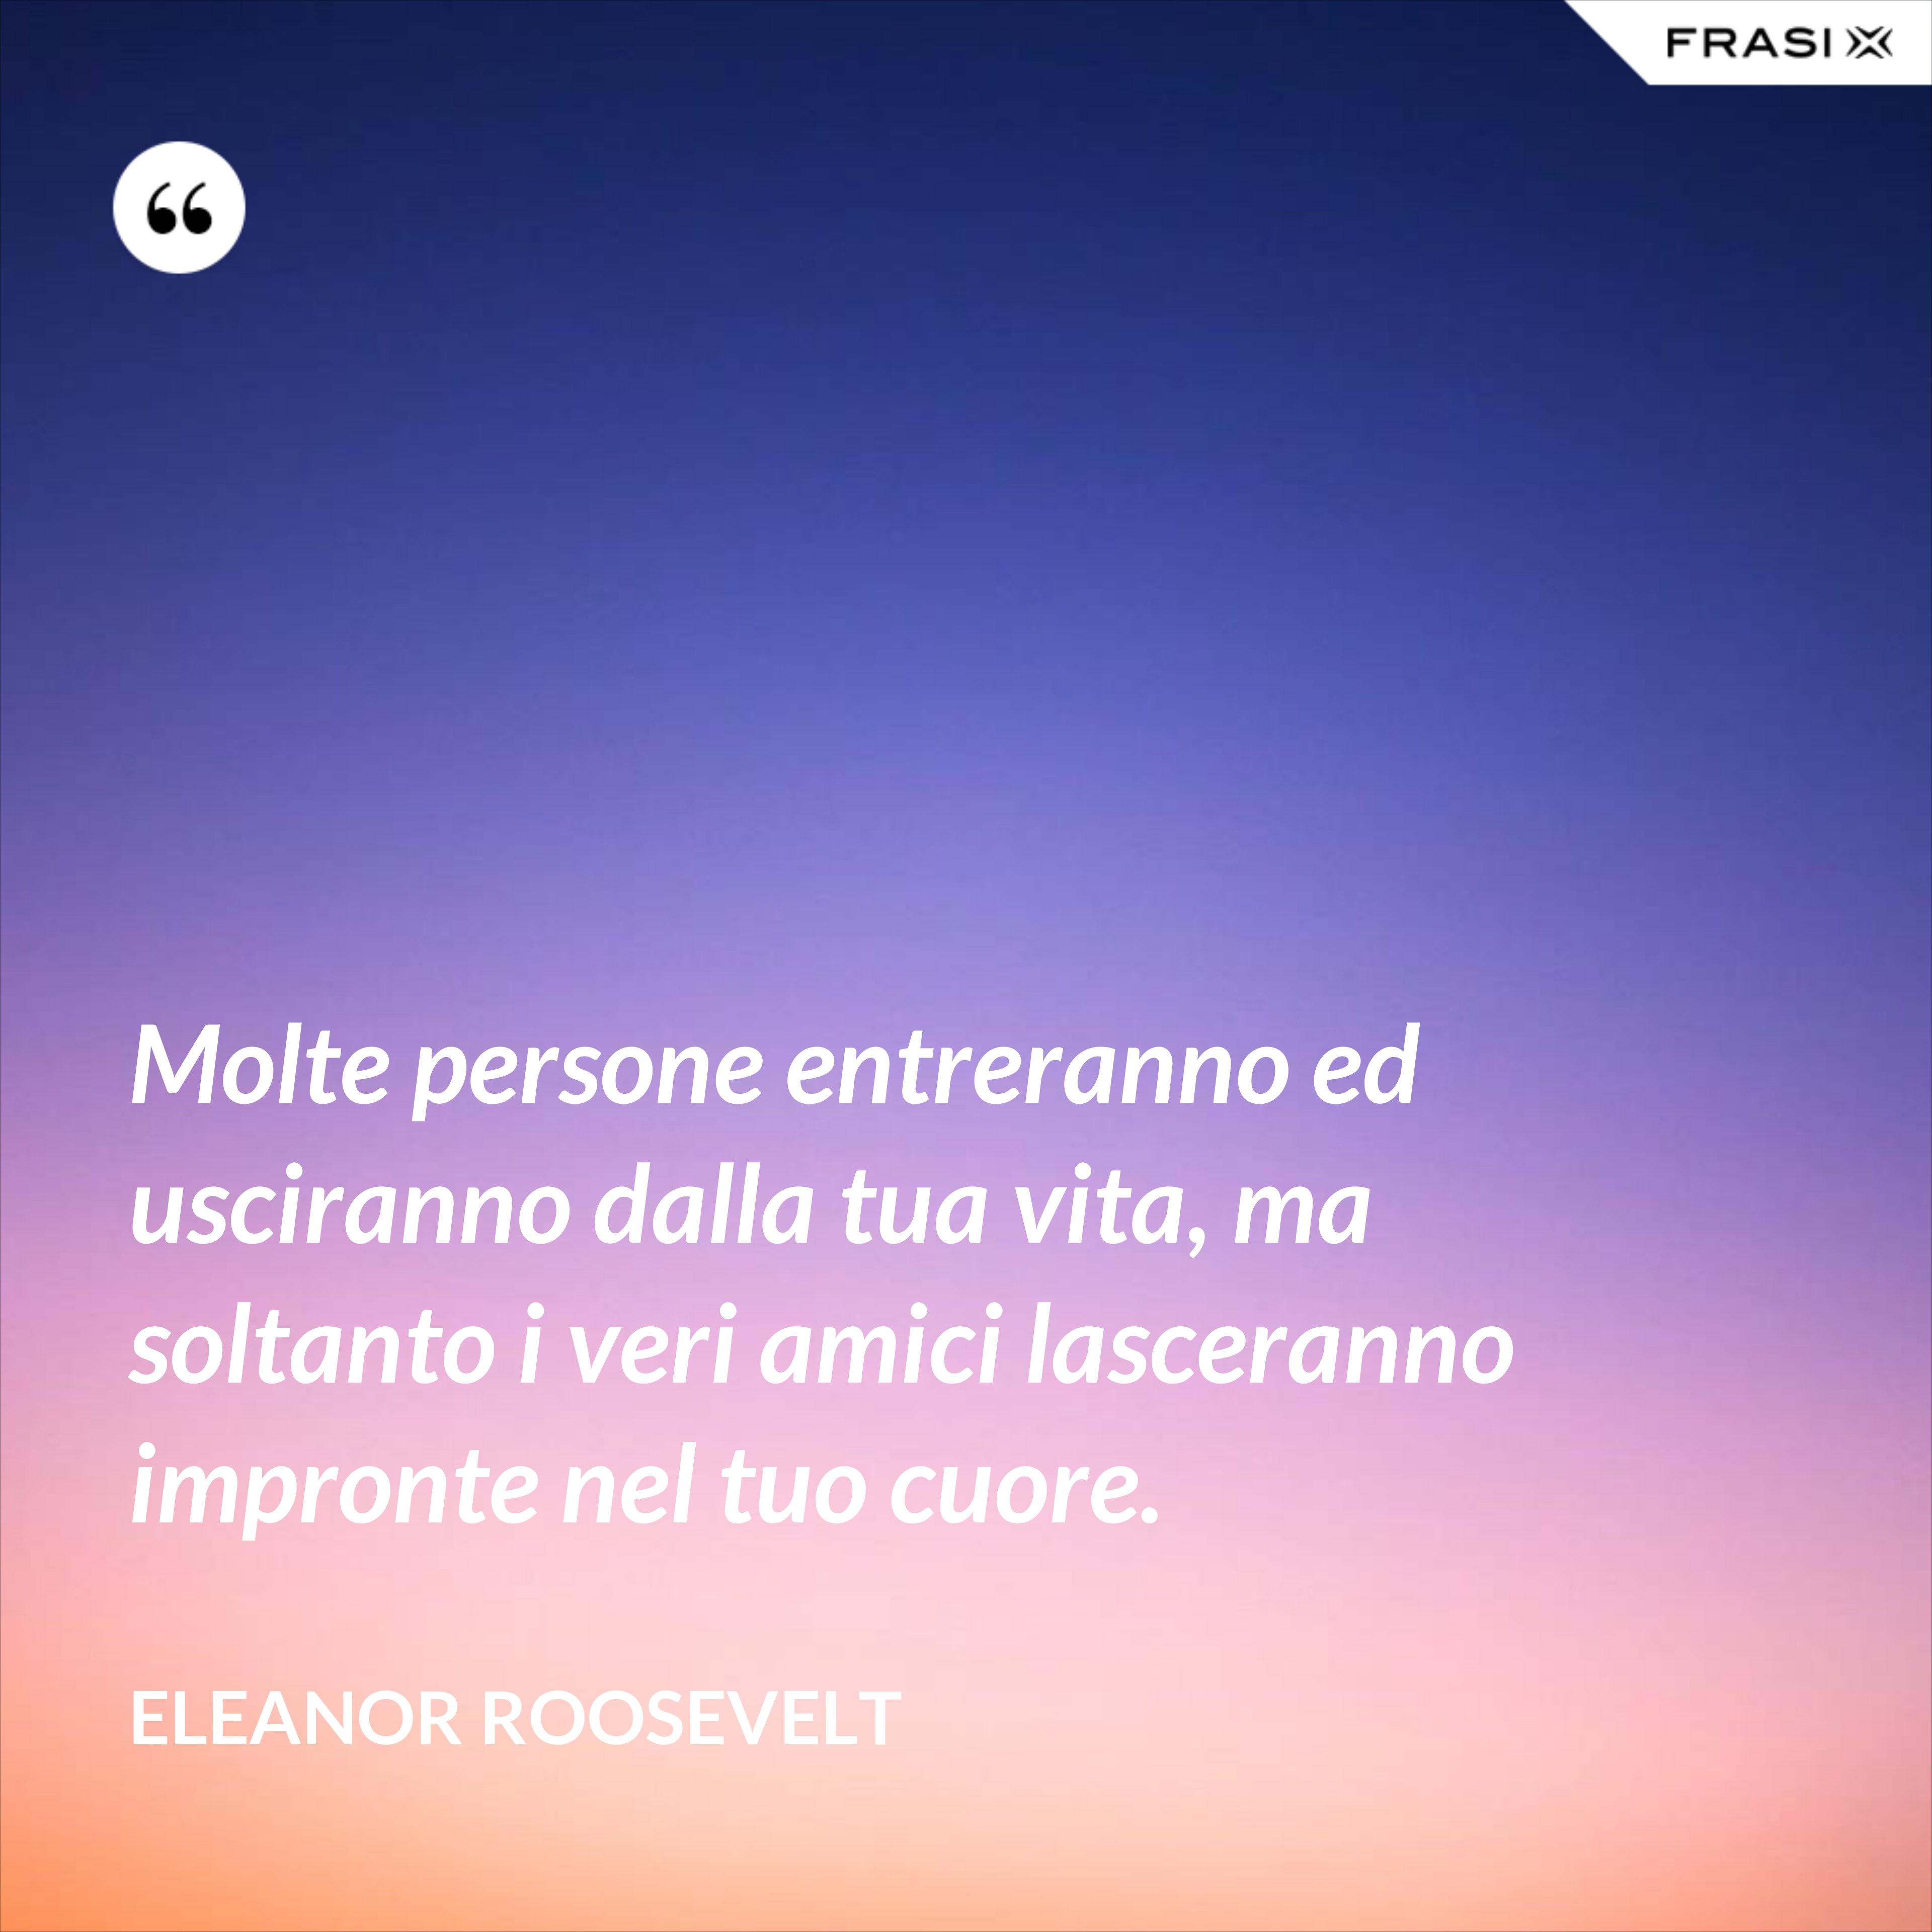 Molte persone entreranno ed usciranno dalla tua vita, ma soltanto i veri amici lasceranno impronte nel tuo cuore. - Eleanor Roosevelt